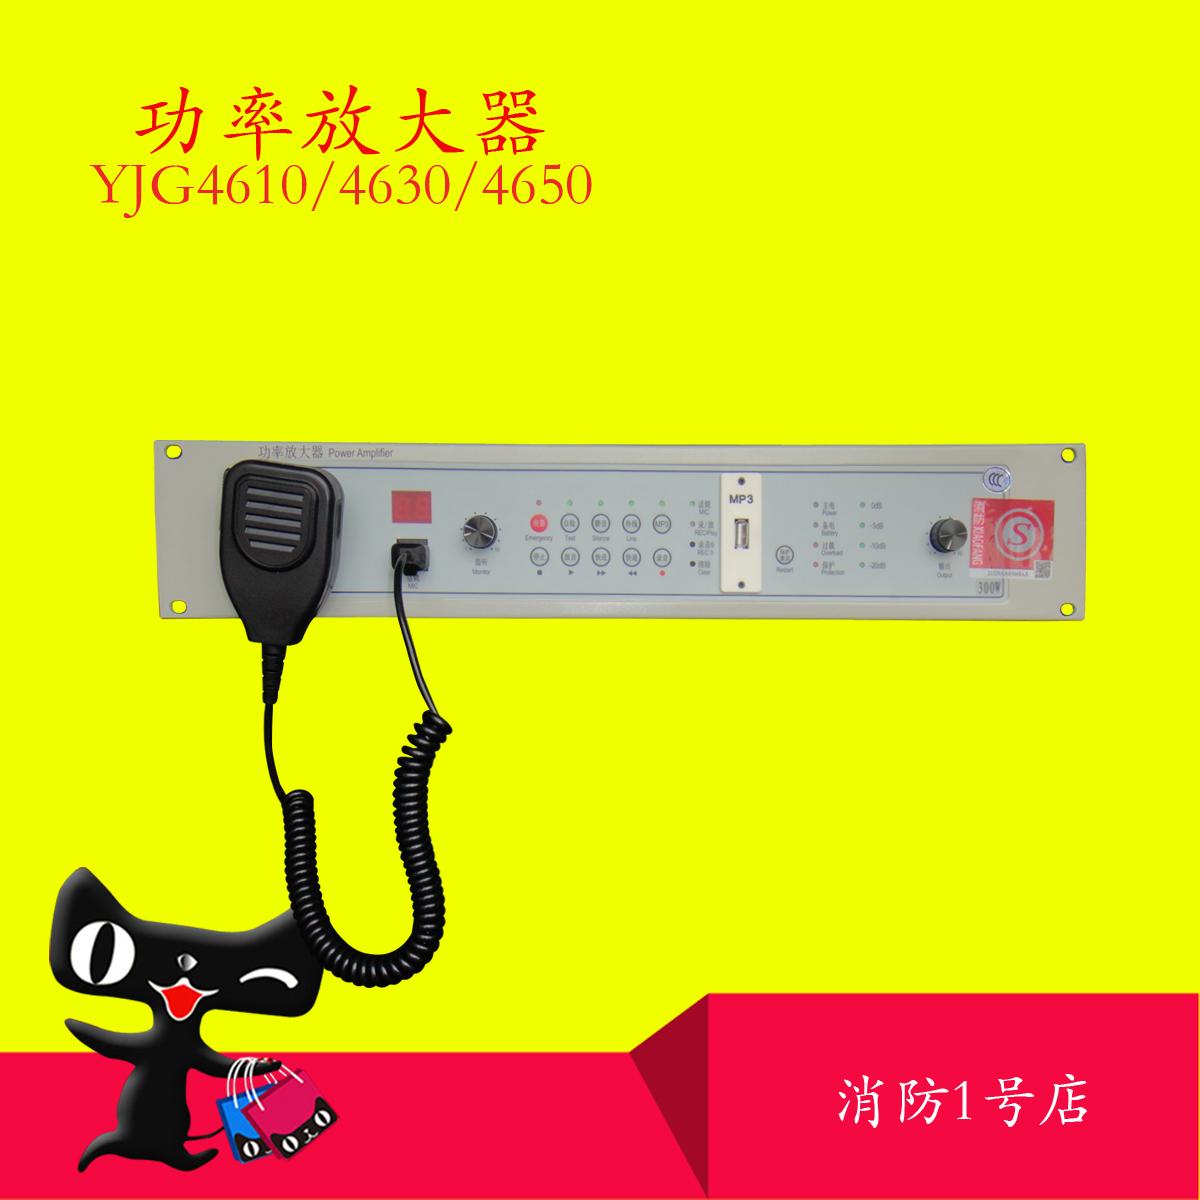 Пекин оригинал выдающийся YJG4610/4630/4650 пожаротушение широкий трансляция усилитель машина универсальный